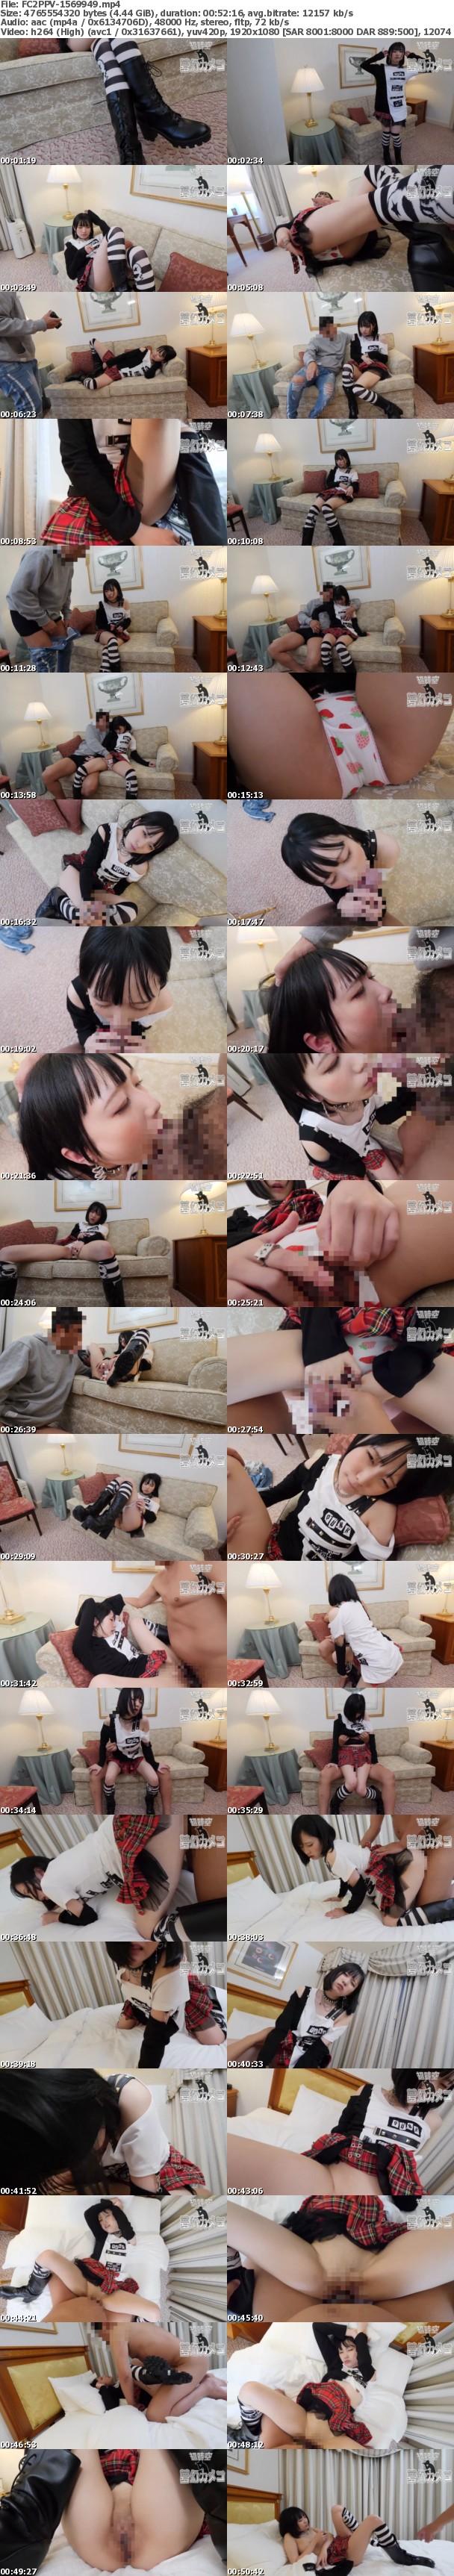 FC2-PPV 1569949 K②美少女ネットアイドル 生意気 バブちゃんと個人撮影会 ハメ撮り未熟オマンコに妊娠中出し